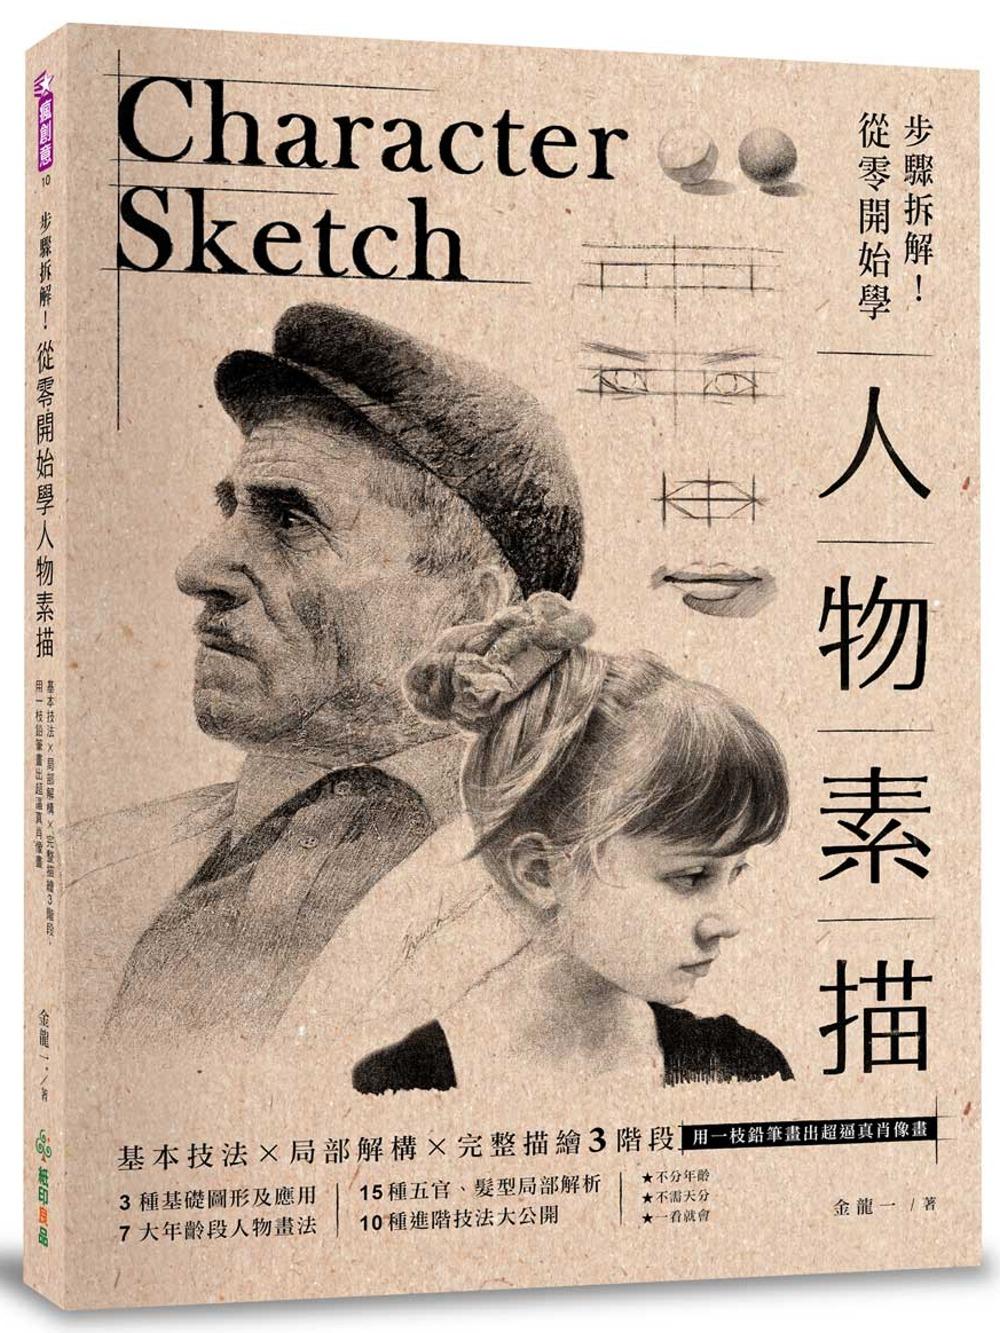 ◤博客來BOOKS◢ 暢銷書榜《推薦》從零開始學人物素描:基本技法X局部解構X完整描繪3階段,用一枝鉛筆畫出超逼真肖像畫